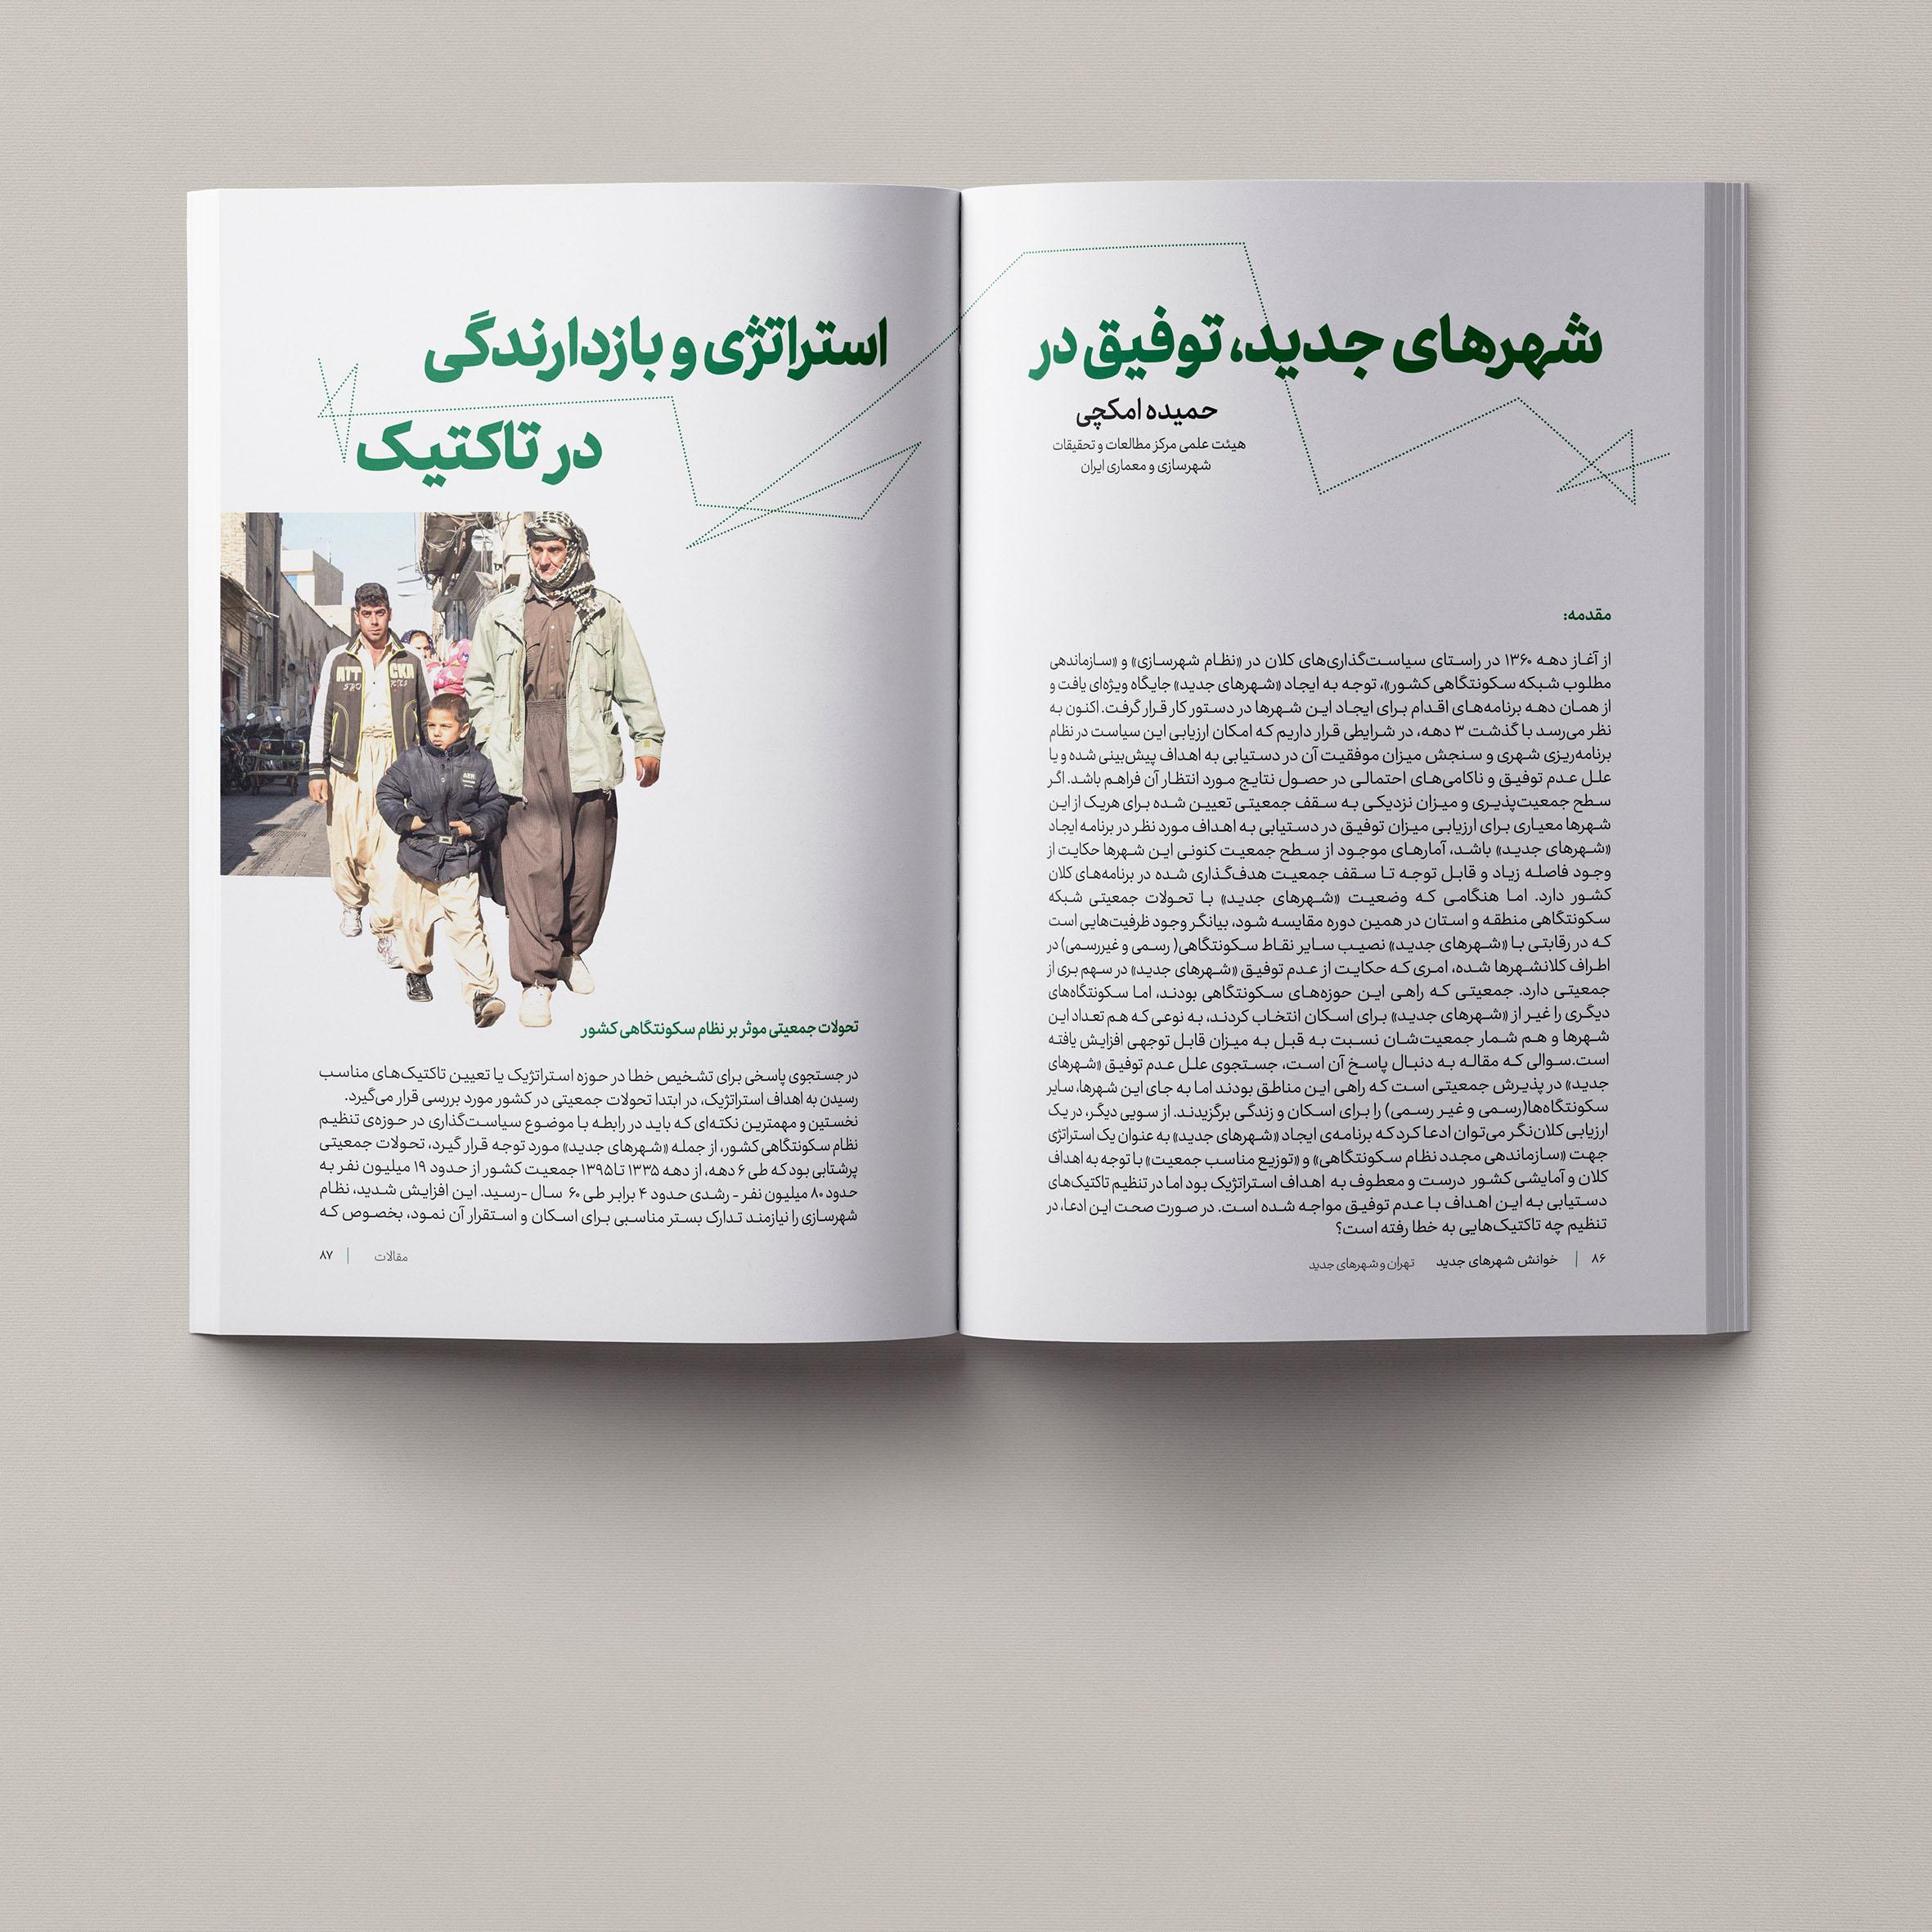 مجله/شهرهای_جدید/turismmap/tehran/soheilhosseini/استودیوتهران/سهیل_حسینی/studiotehran